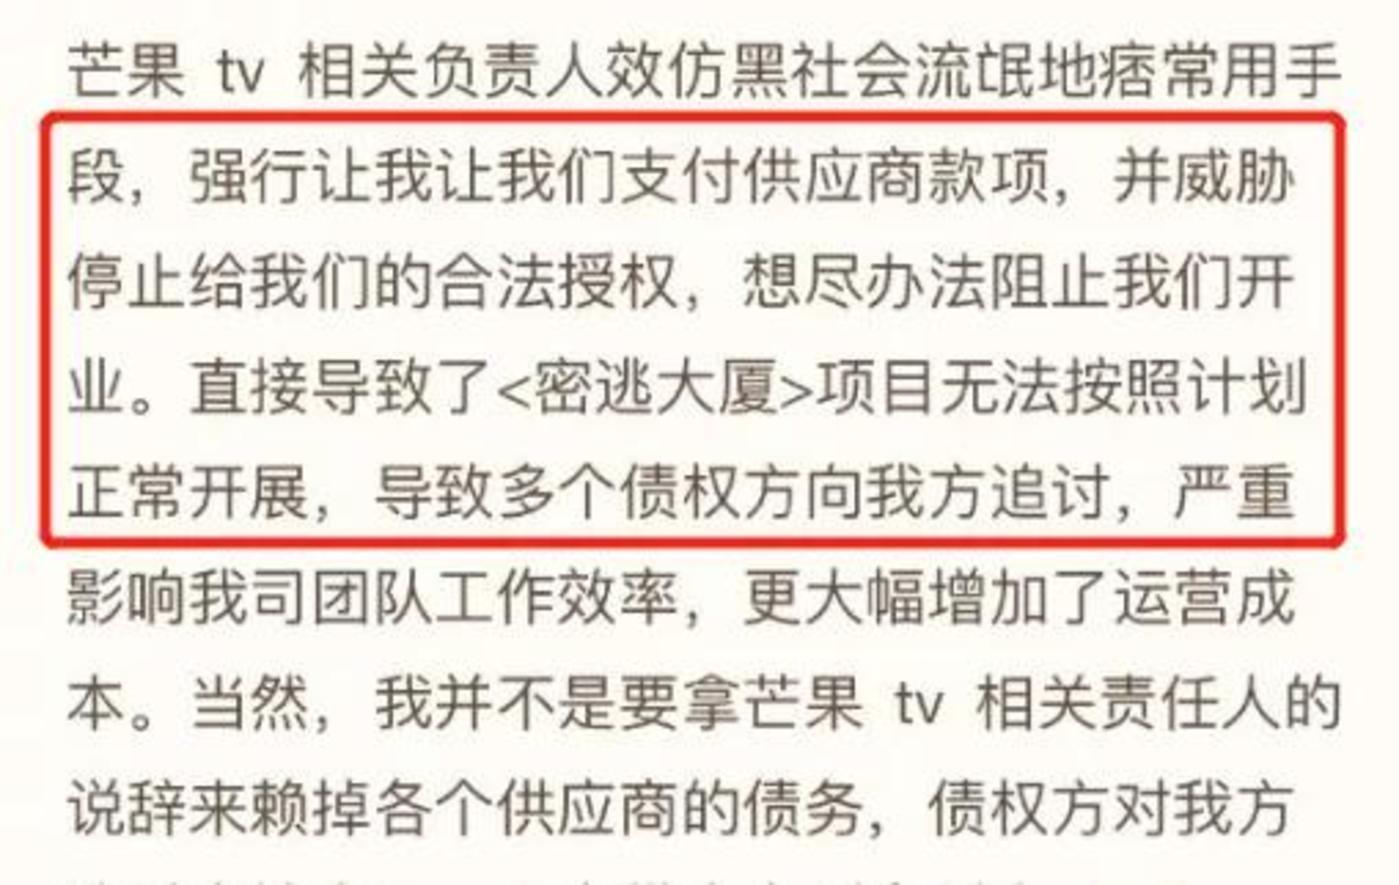 张哲维权微博内容